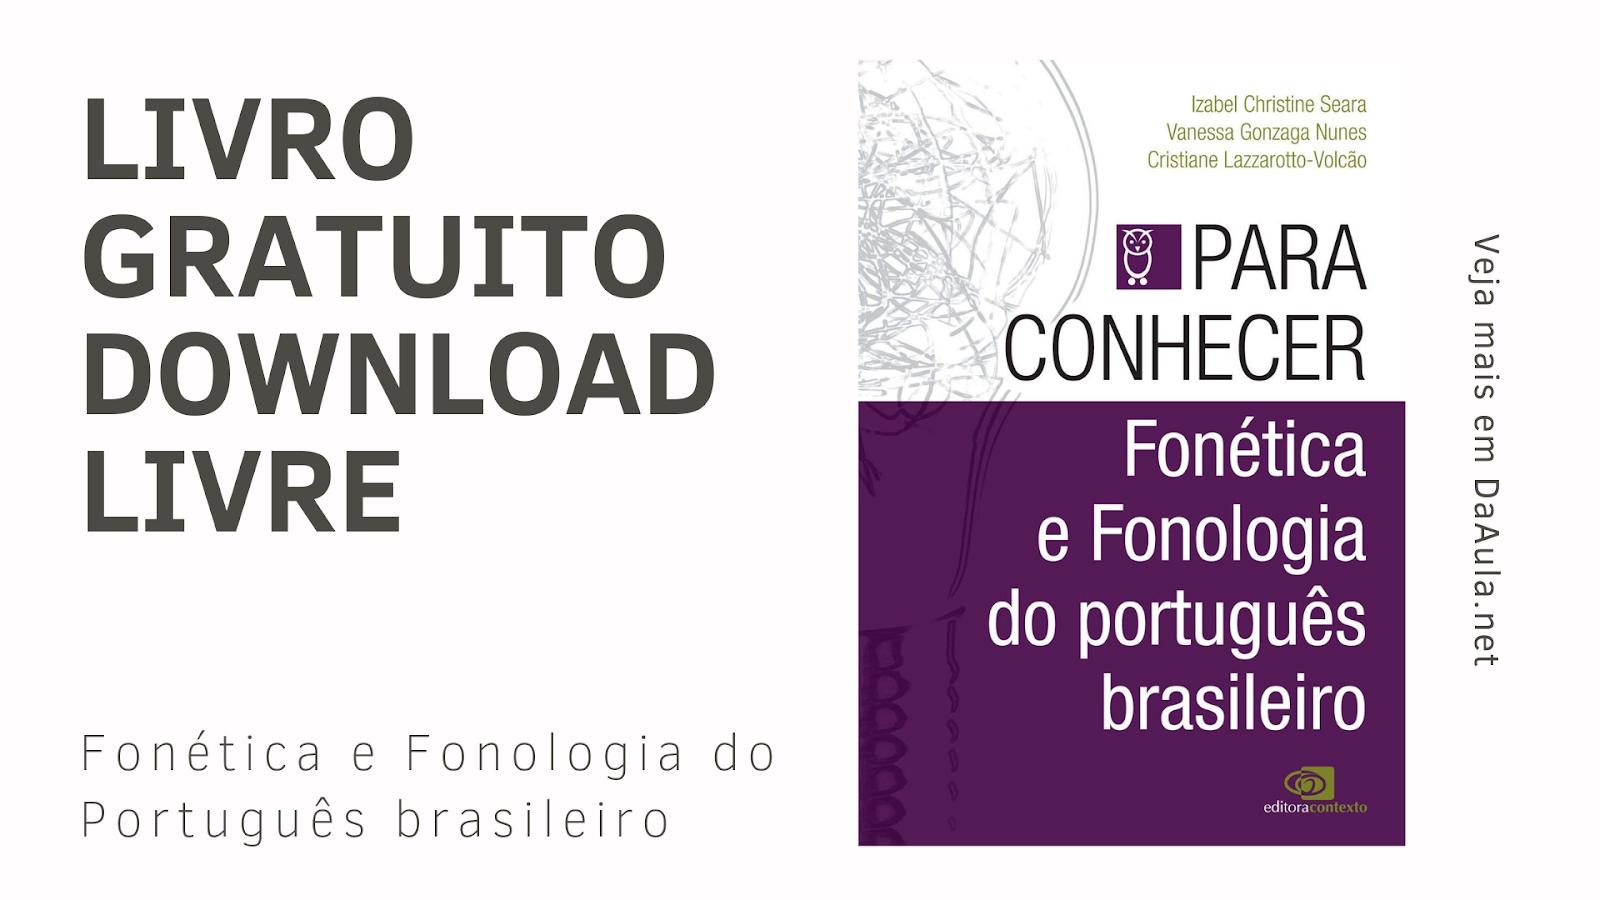 Livro: Fonética e Fonologia do Português Brasileiro